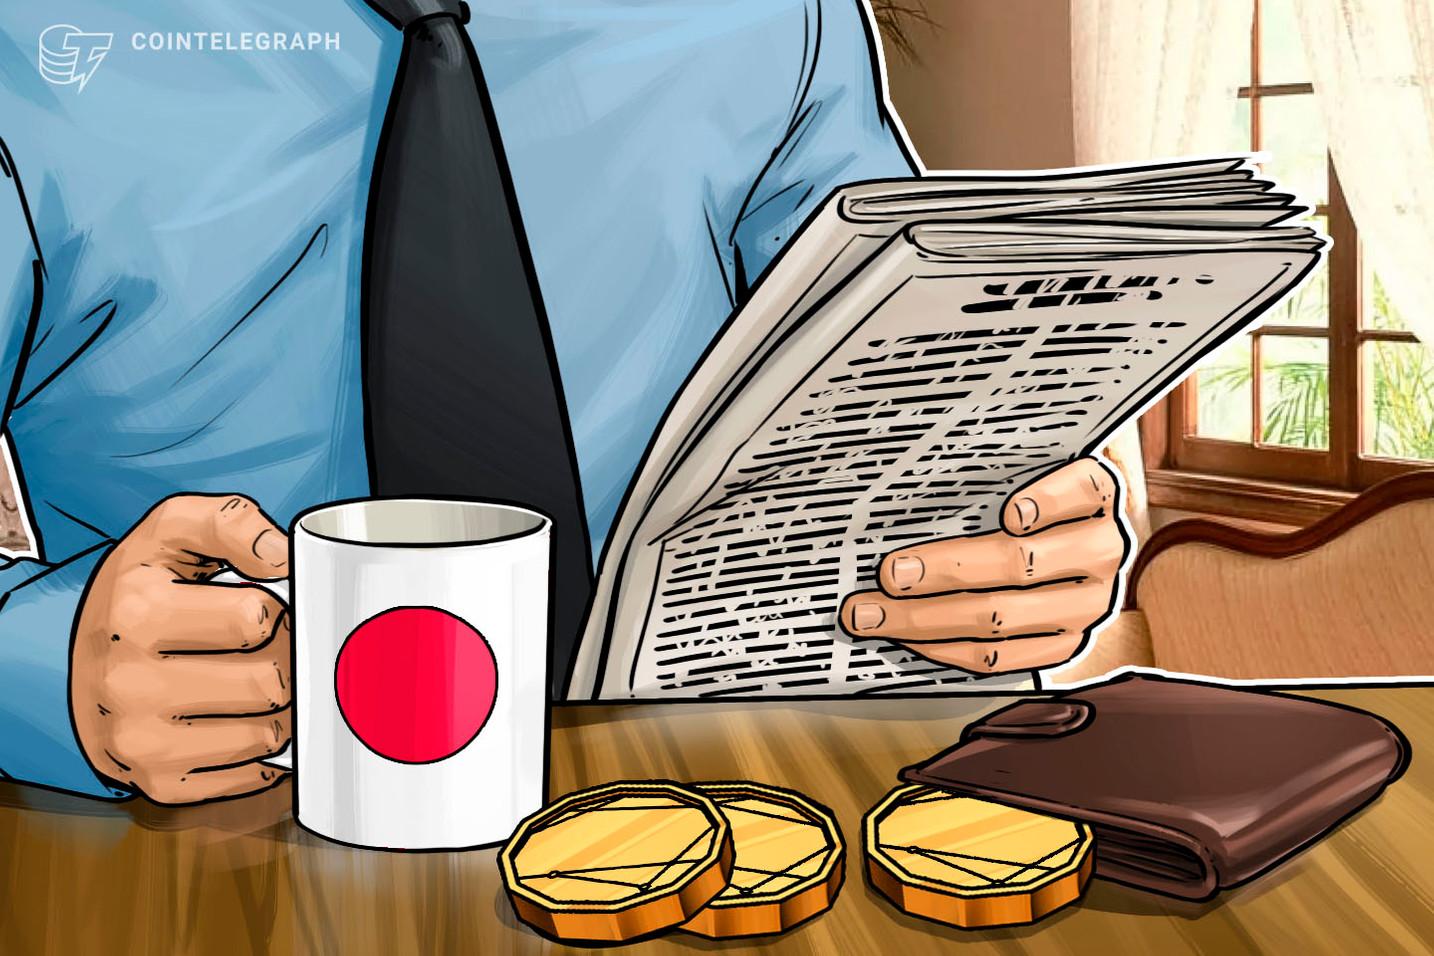 محتالو العملات المشفرة يتحولون إلى الإرهاب بالتهديد بقنبلة في اليابان